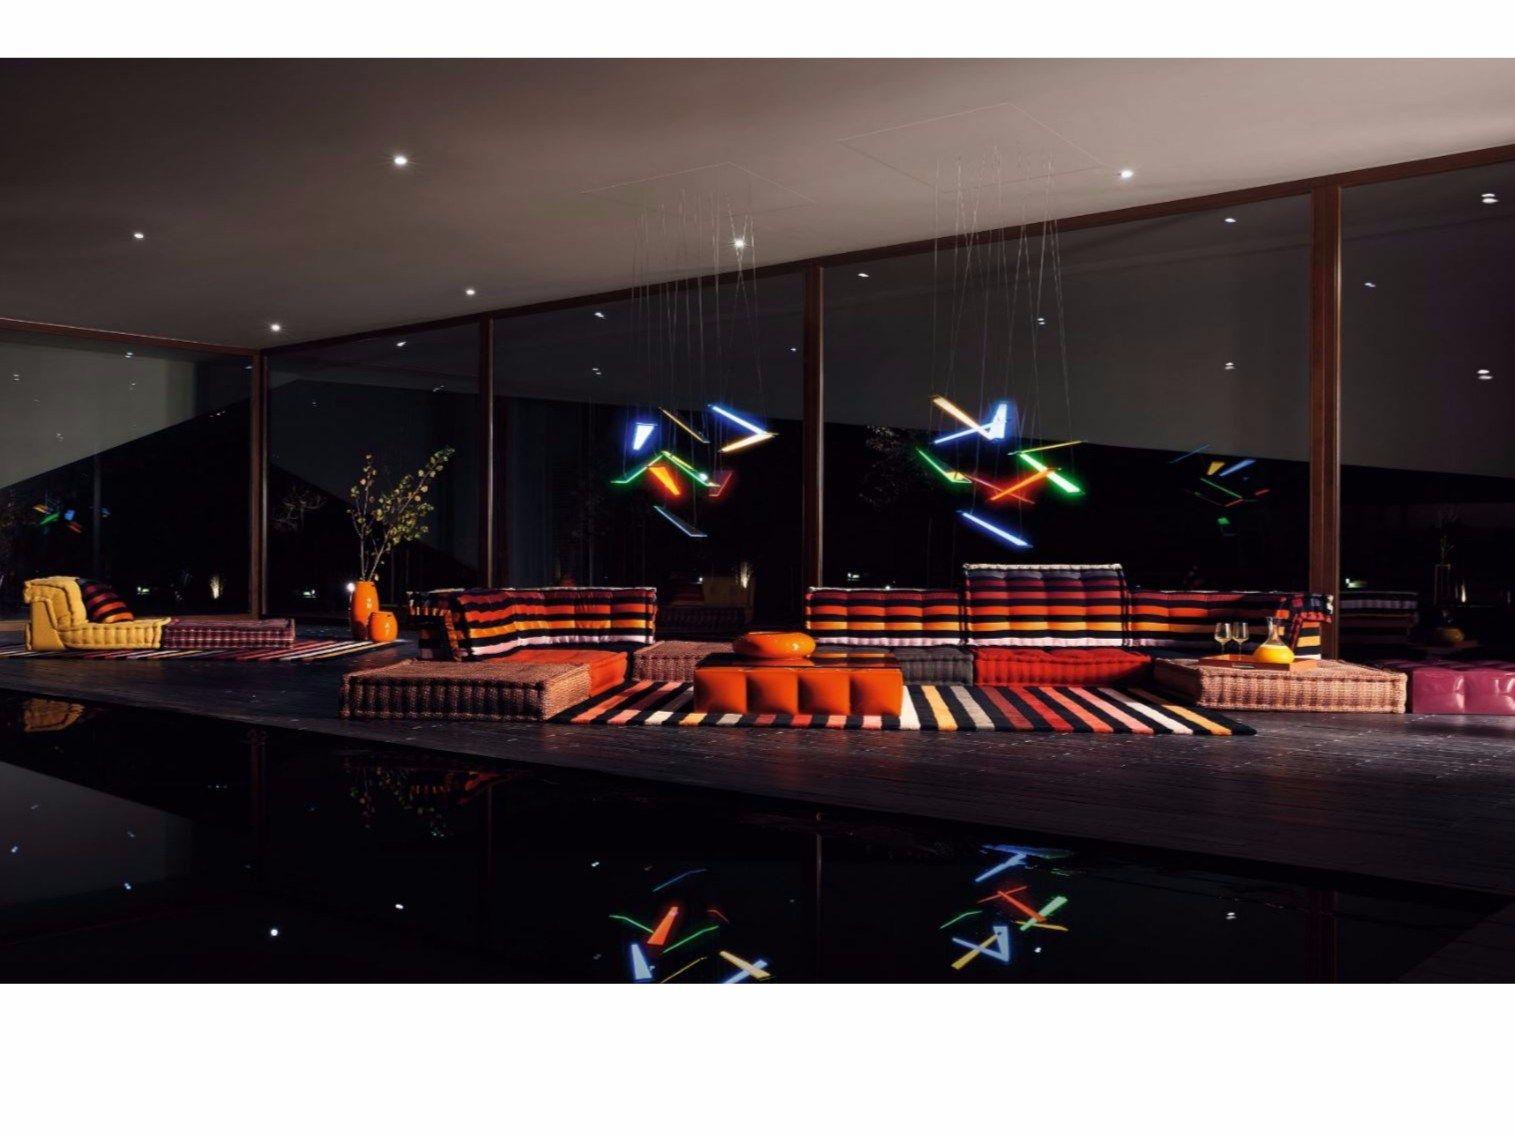 Sectional Modular Sofa Mah Jong Sonia Rykiel By Roche